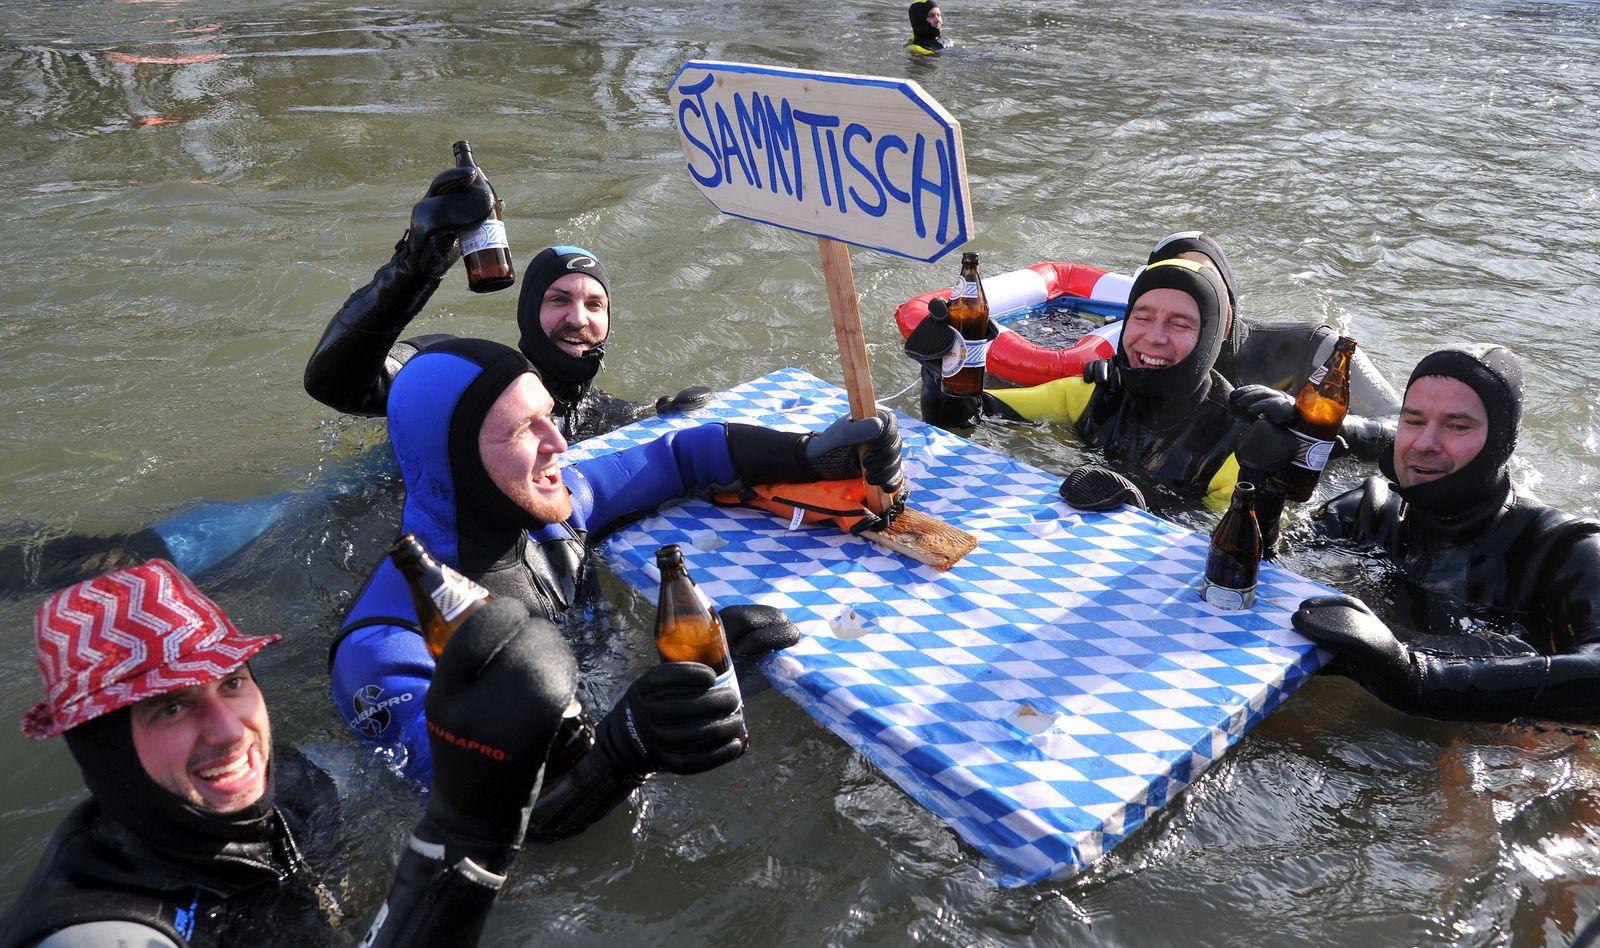 Donauschwimmen/ Neuburg